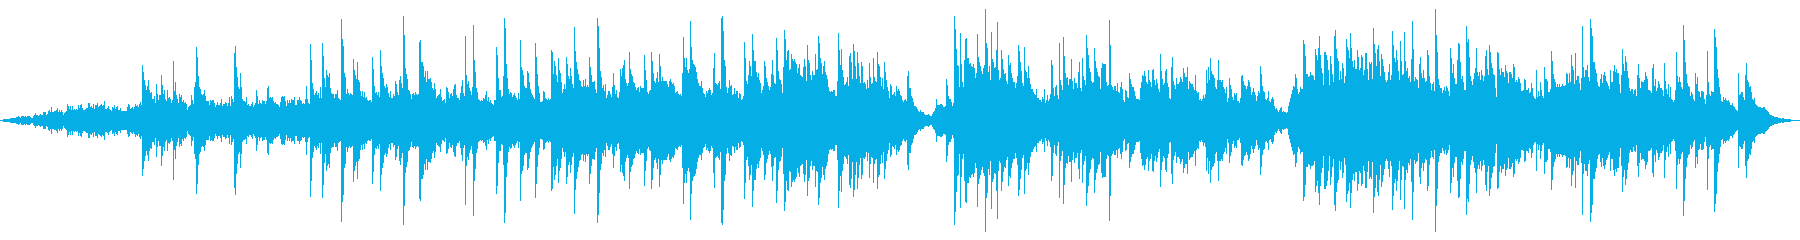 エレクトロニック 静か やる気 ア...の再生済みの波形